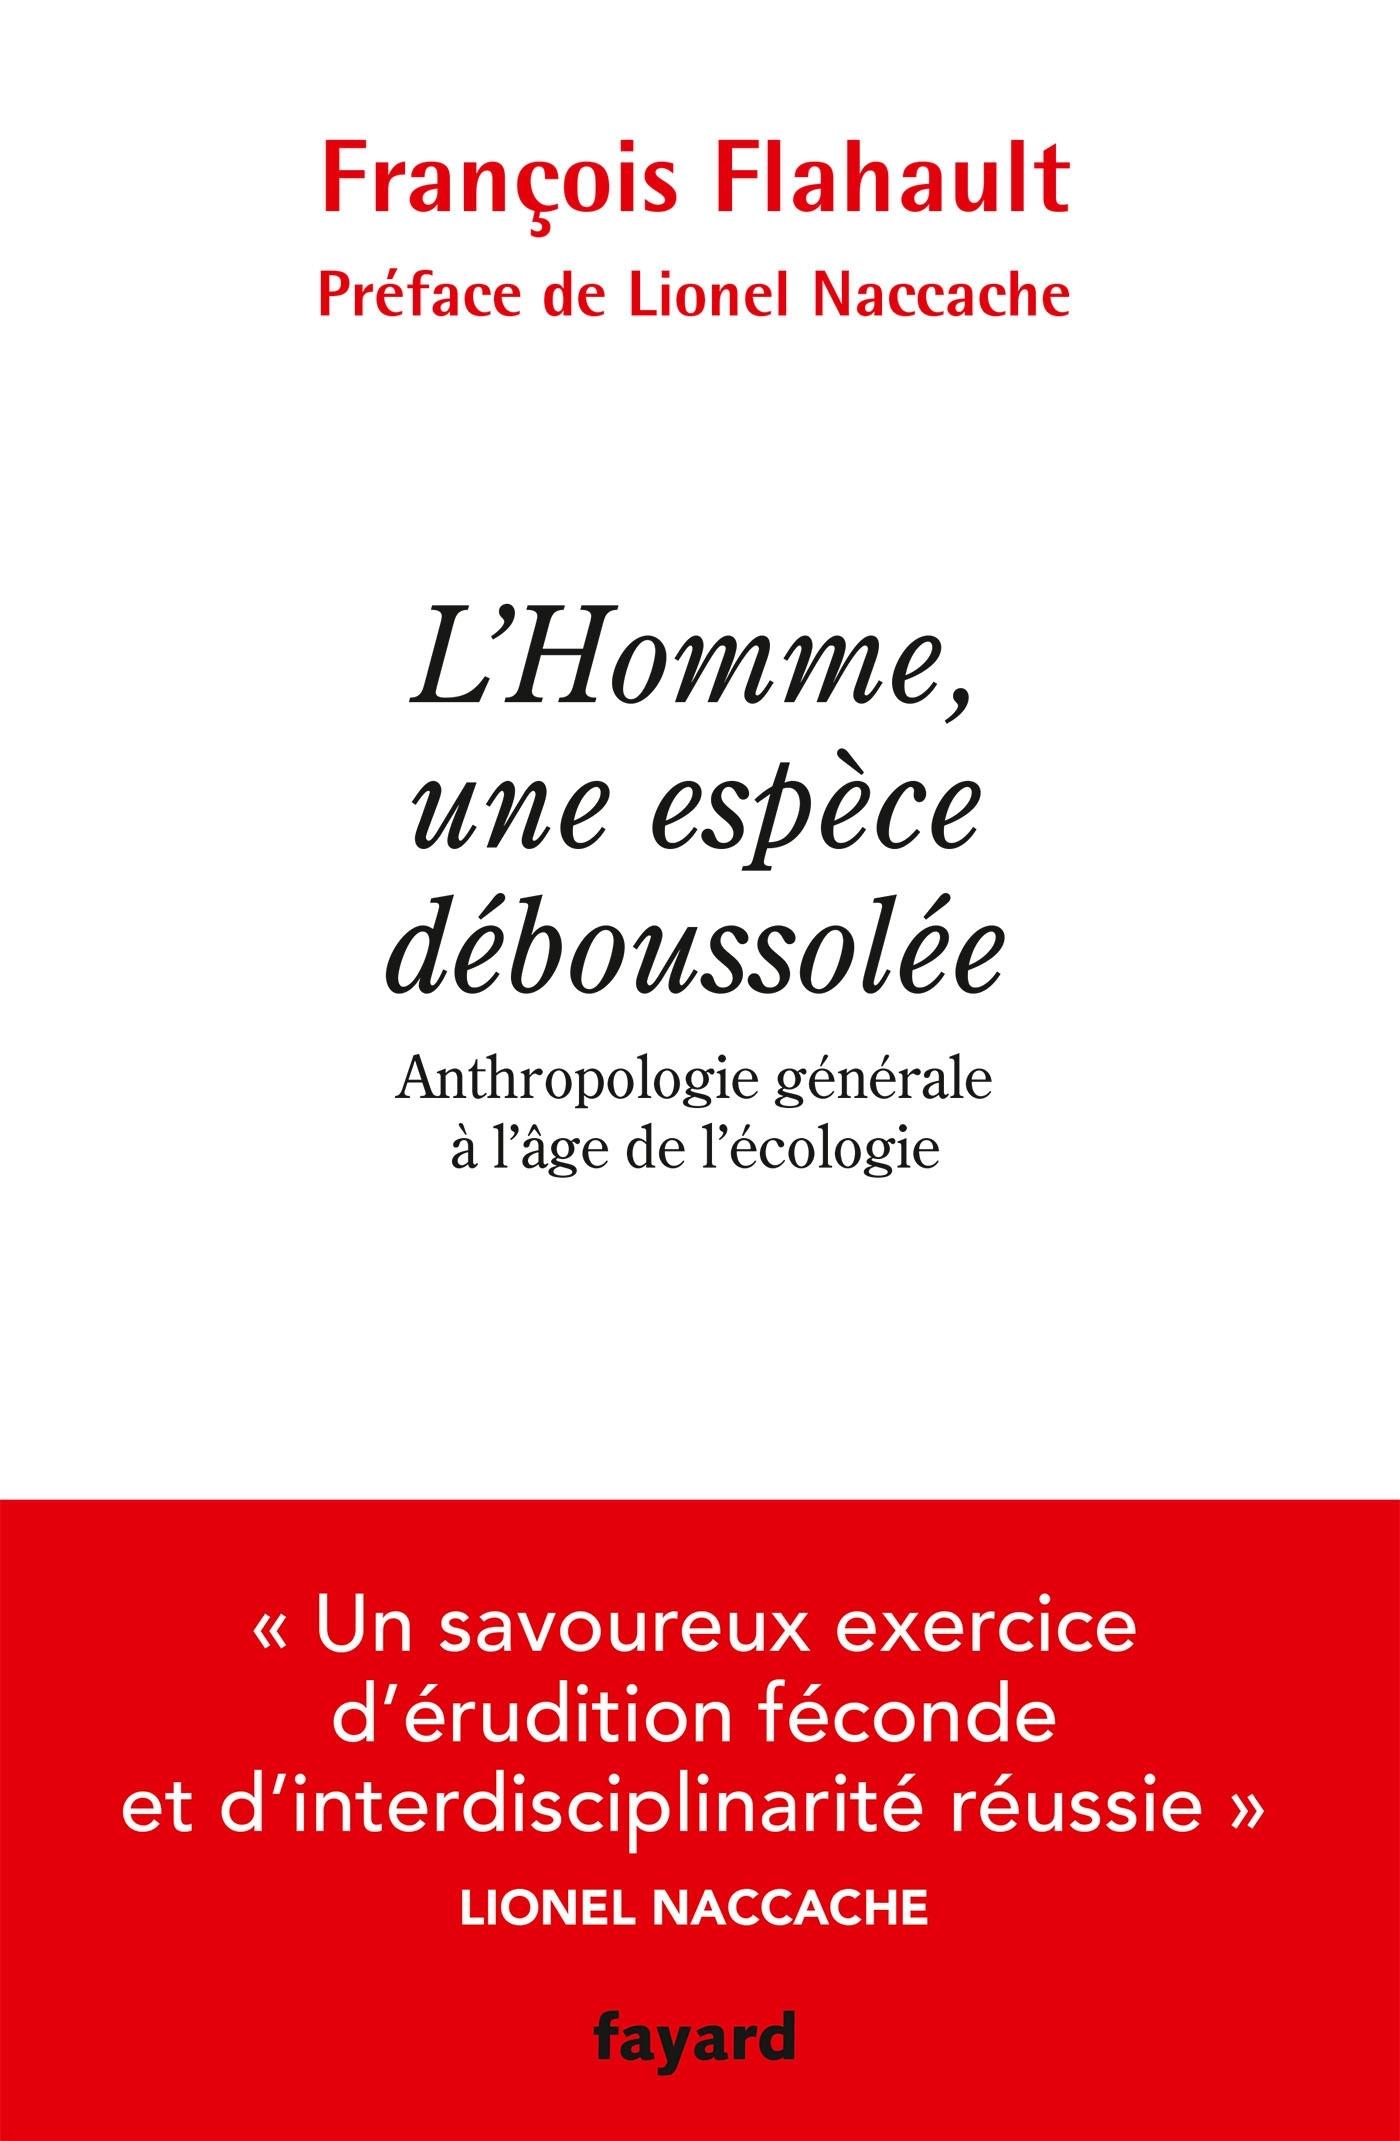 L'HOMME, UNE ESPECE DEBOUSSOLEE. ANTHROPOLOGIE GENERALE A L'AGE DE L'ECOLOGIE